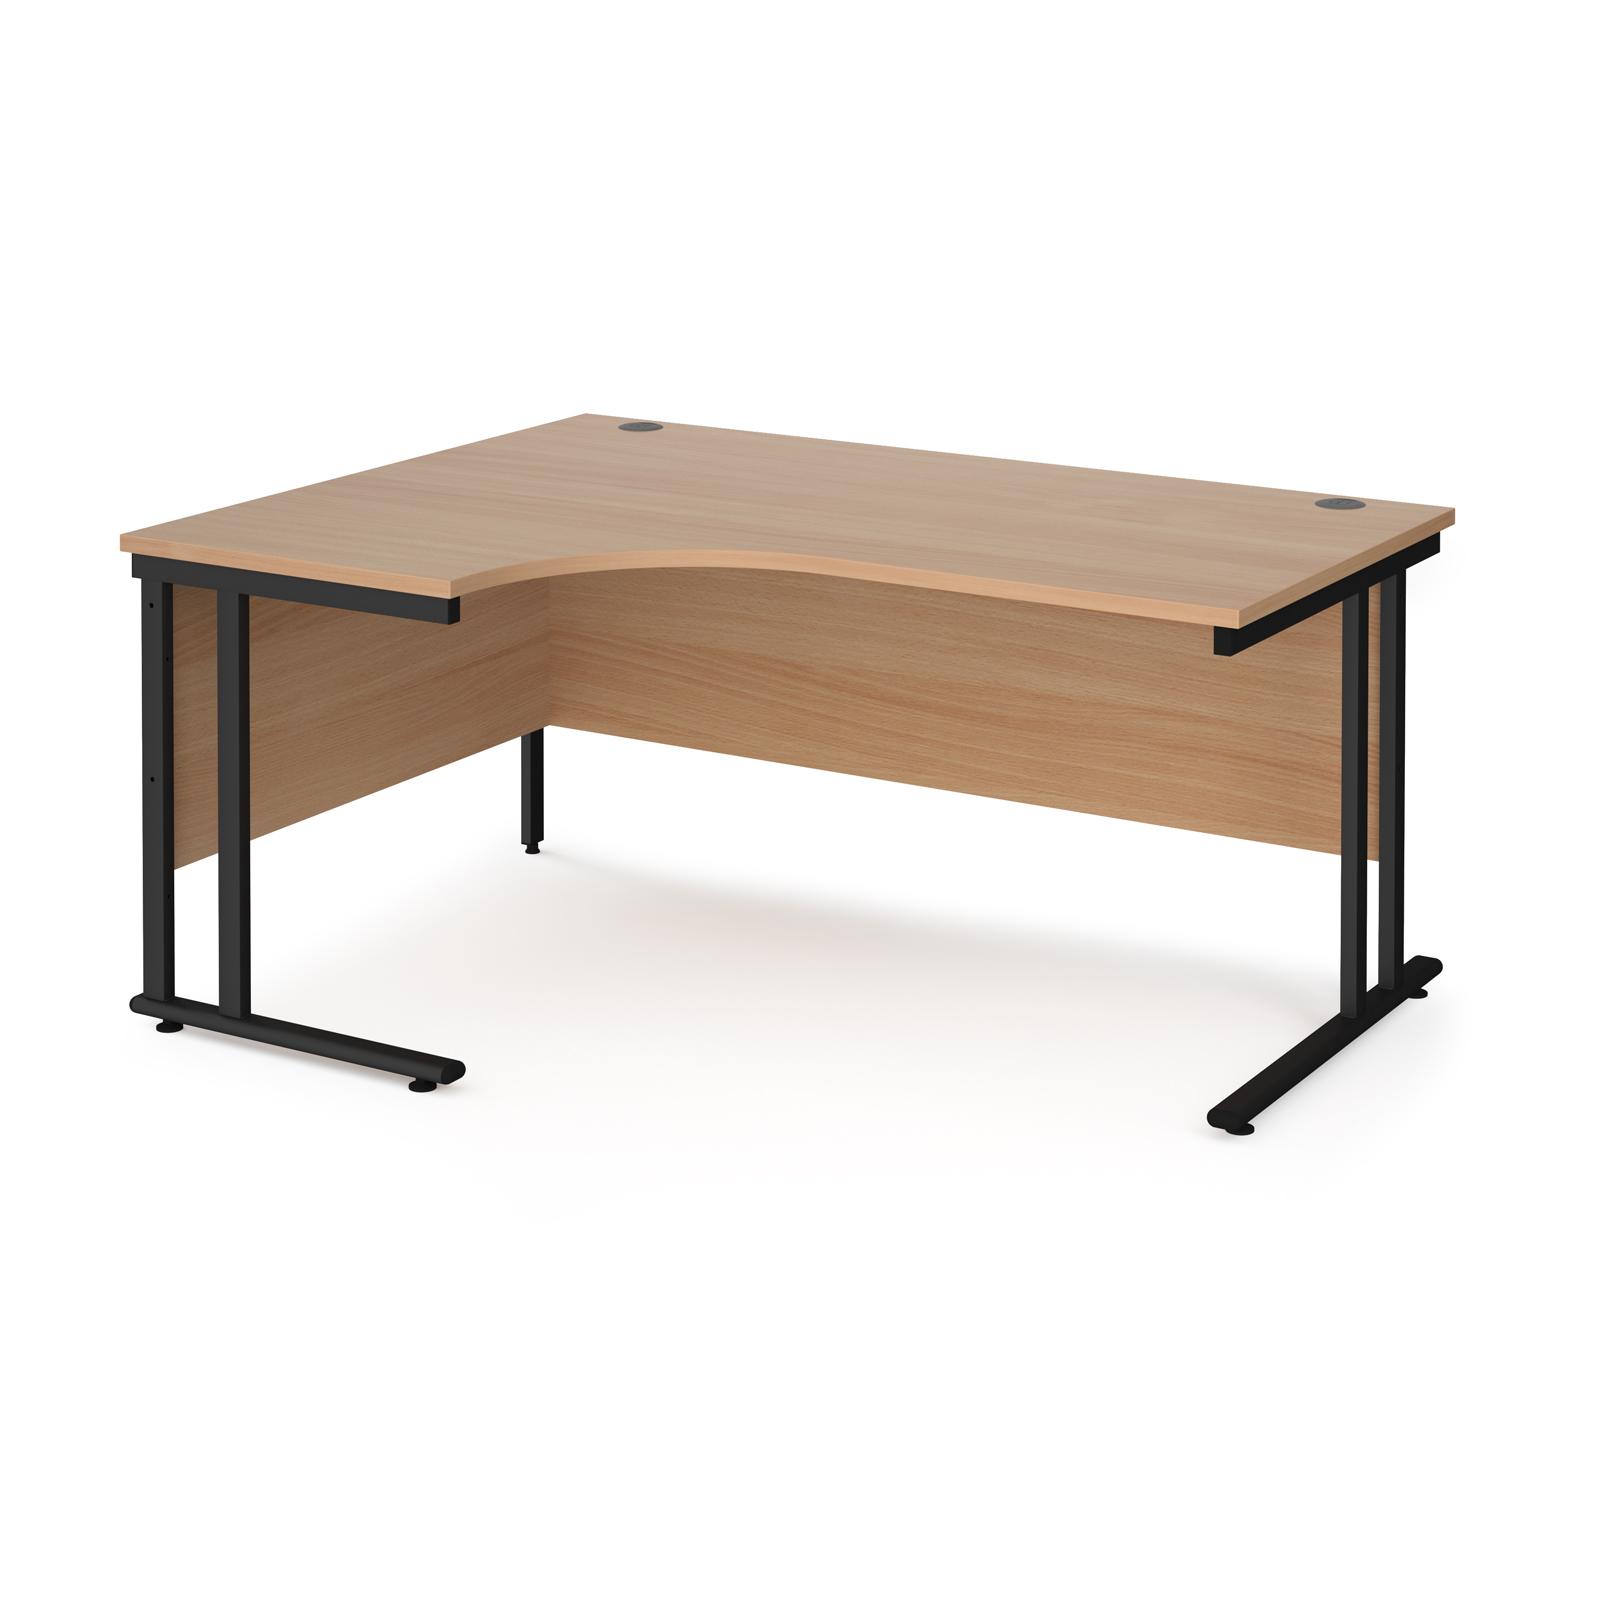 Maestro 25 left hand ergonomic desk 1600mm wide - black cantilever leg frame, beech top